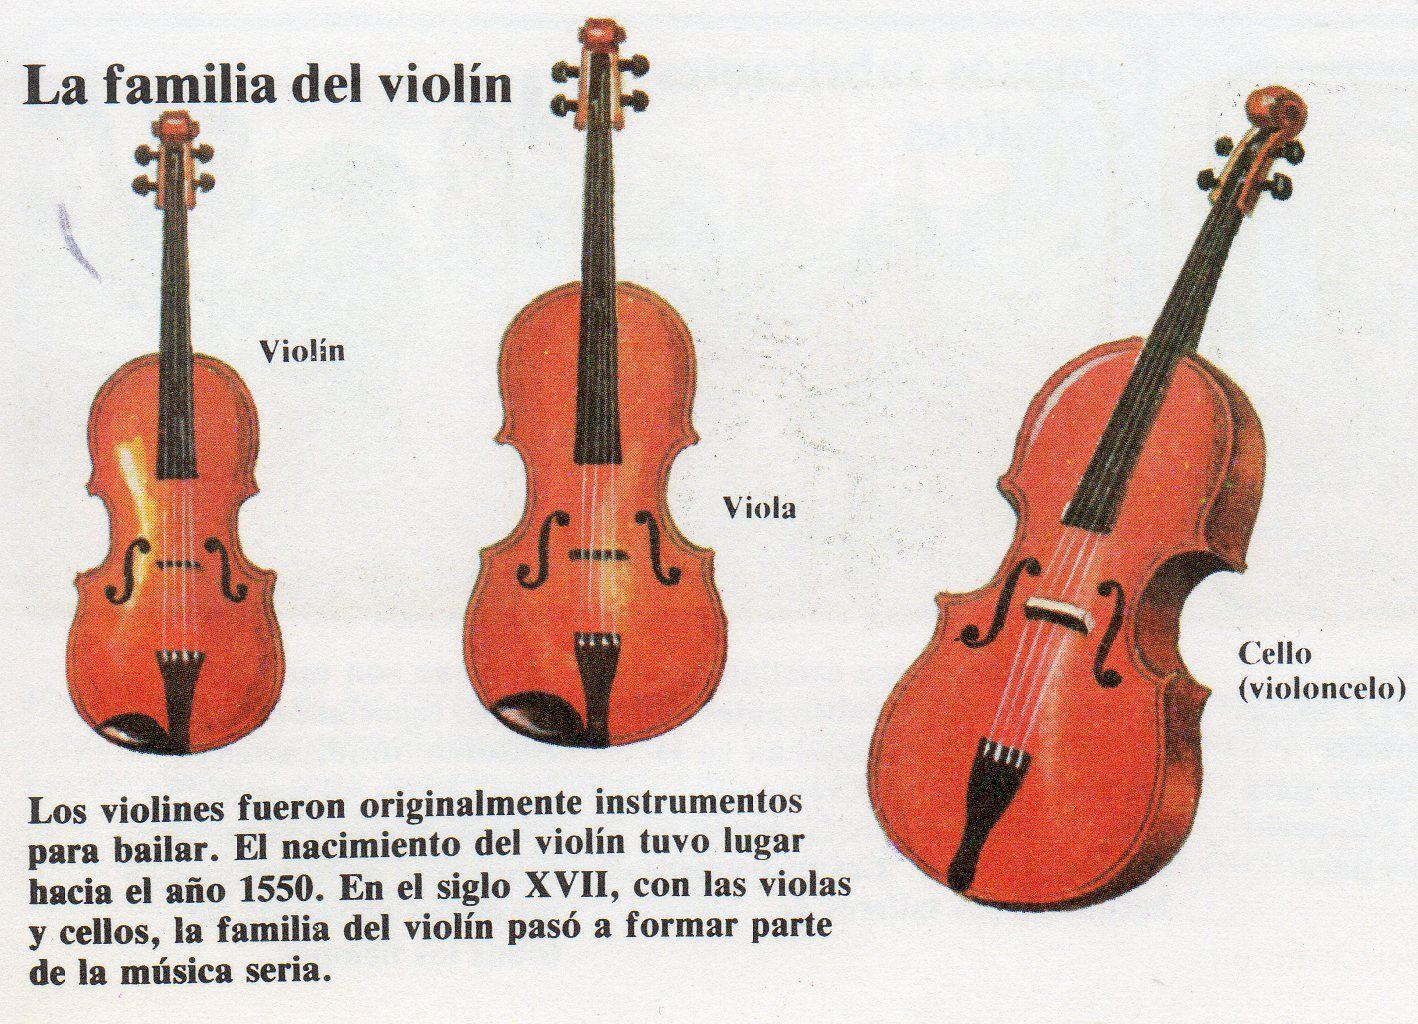 Los Violines Fueron Originalmente Instrumentos Para Bailar El Nacimiento Del Violín Tuvo Lugar Hacia El Año 1550 En El Violines Cellos Historia De La Musica